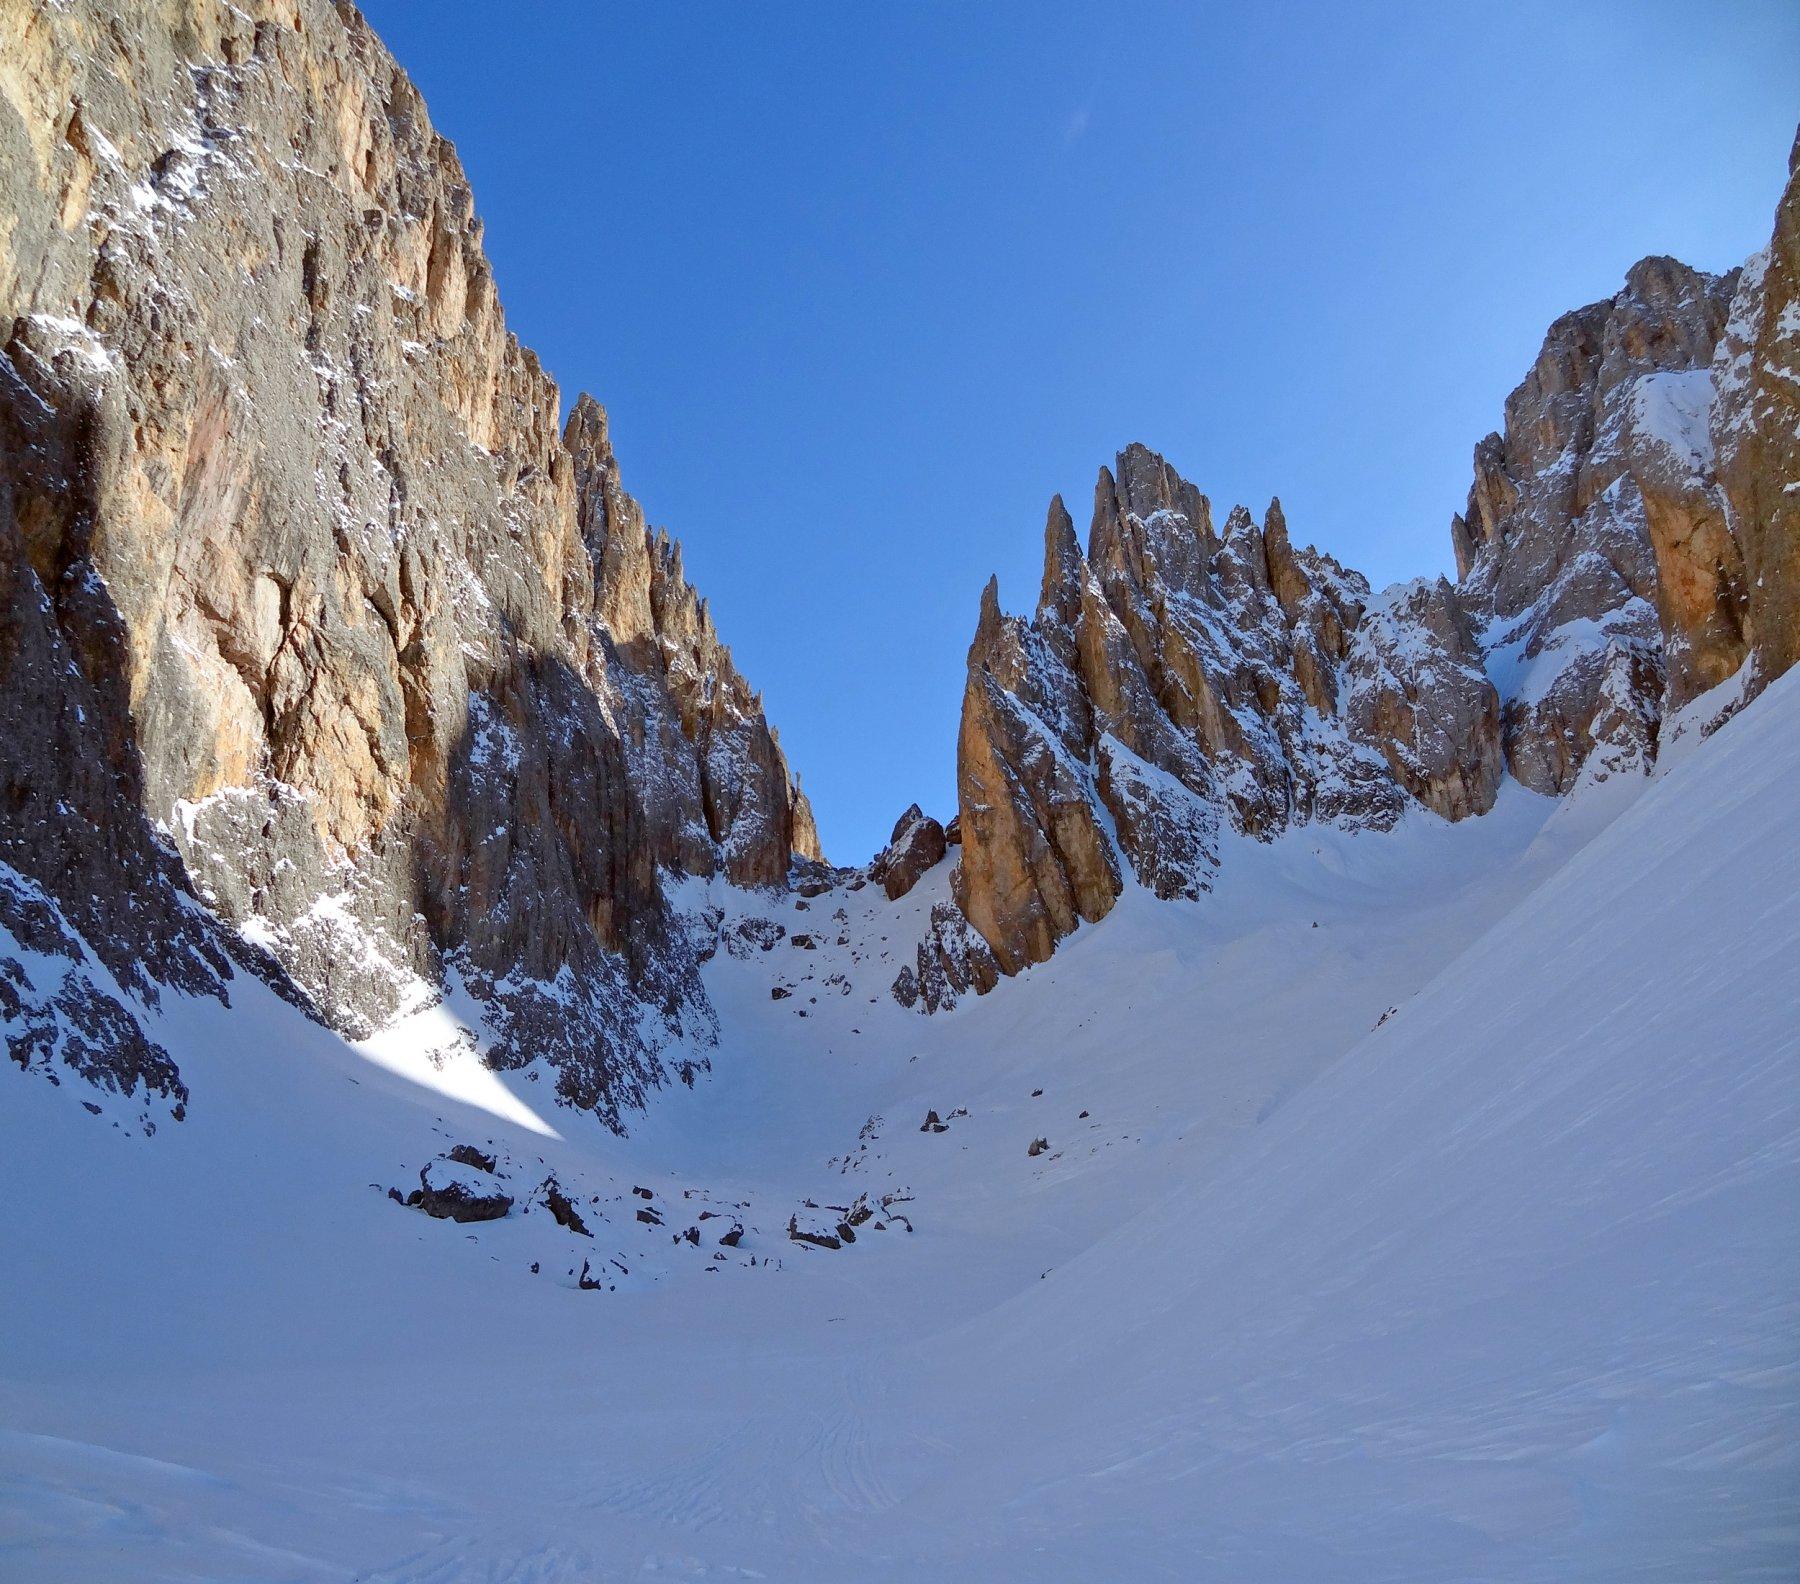 Sassolungo (Forcella del) da Passo Sella, traversata a Santa Cristina Val Gardena 2019-02-15